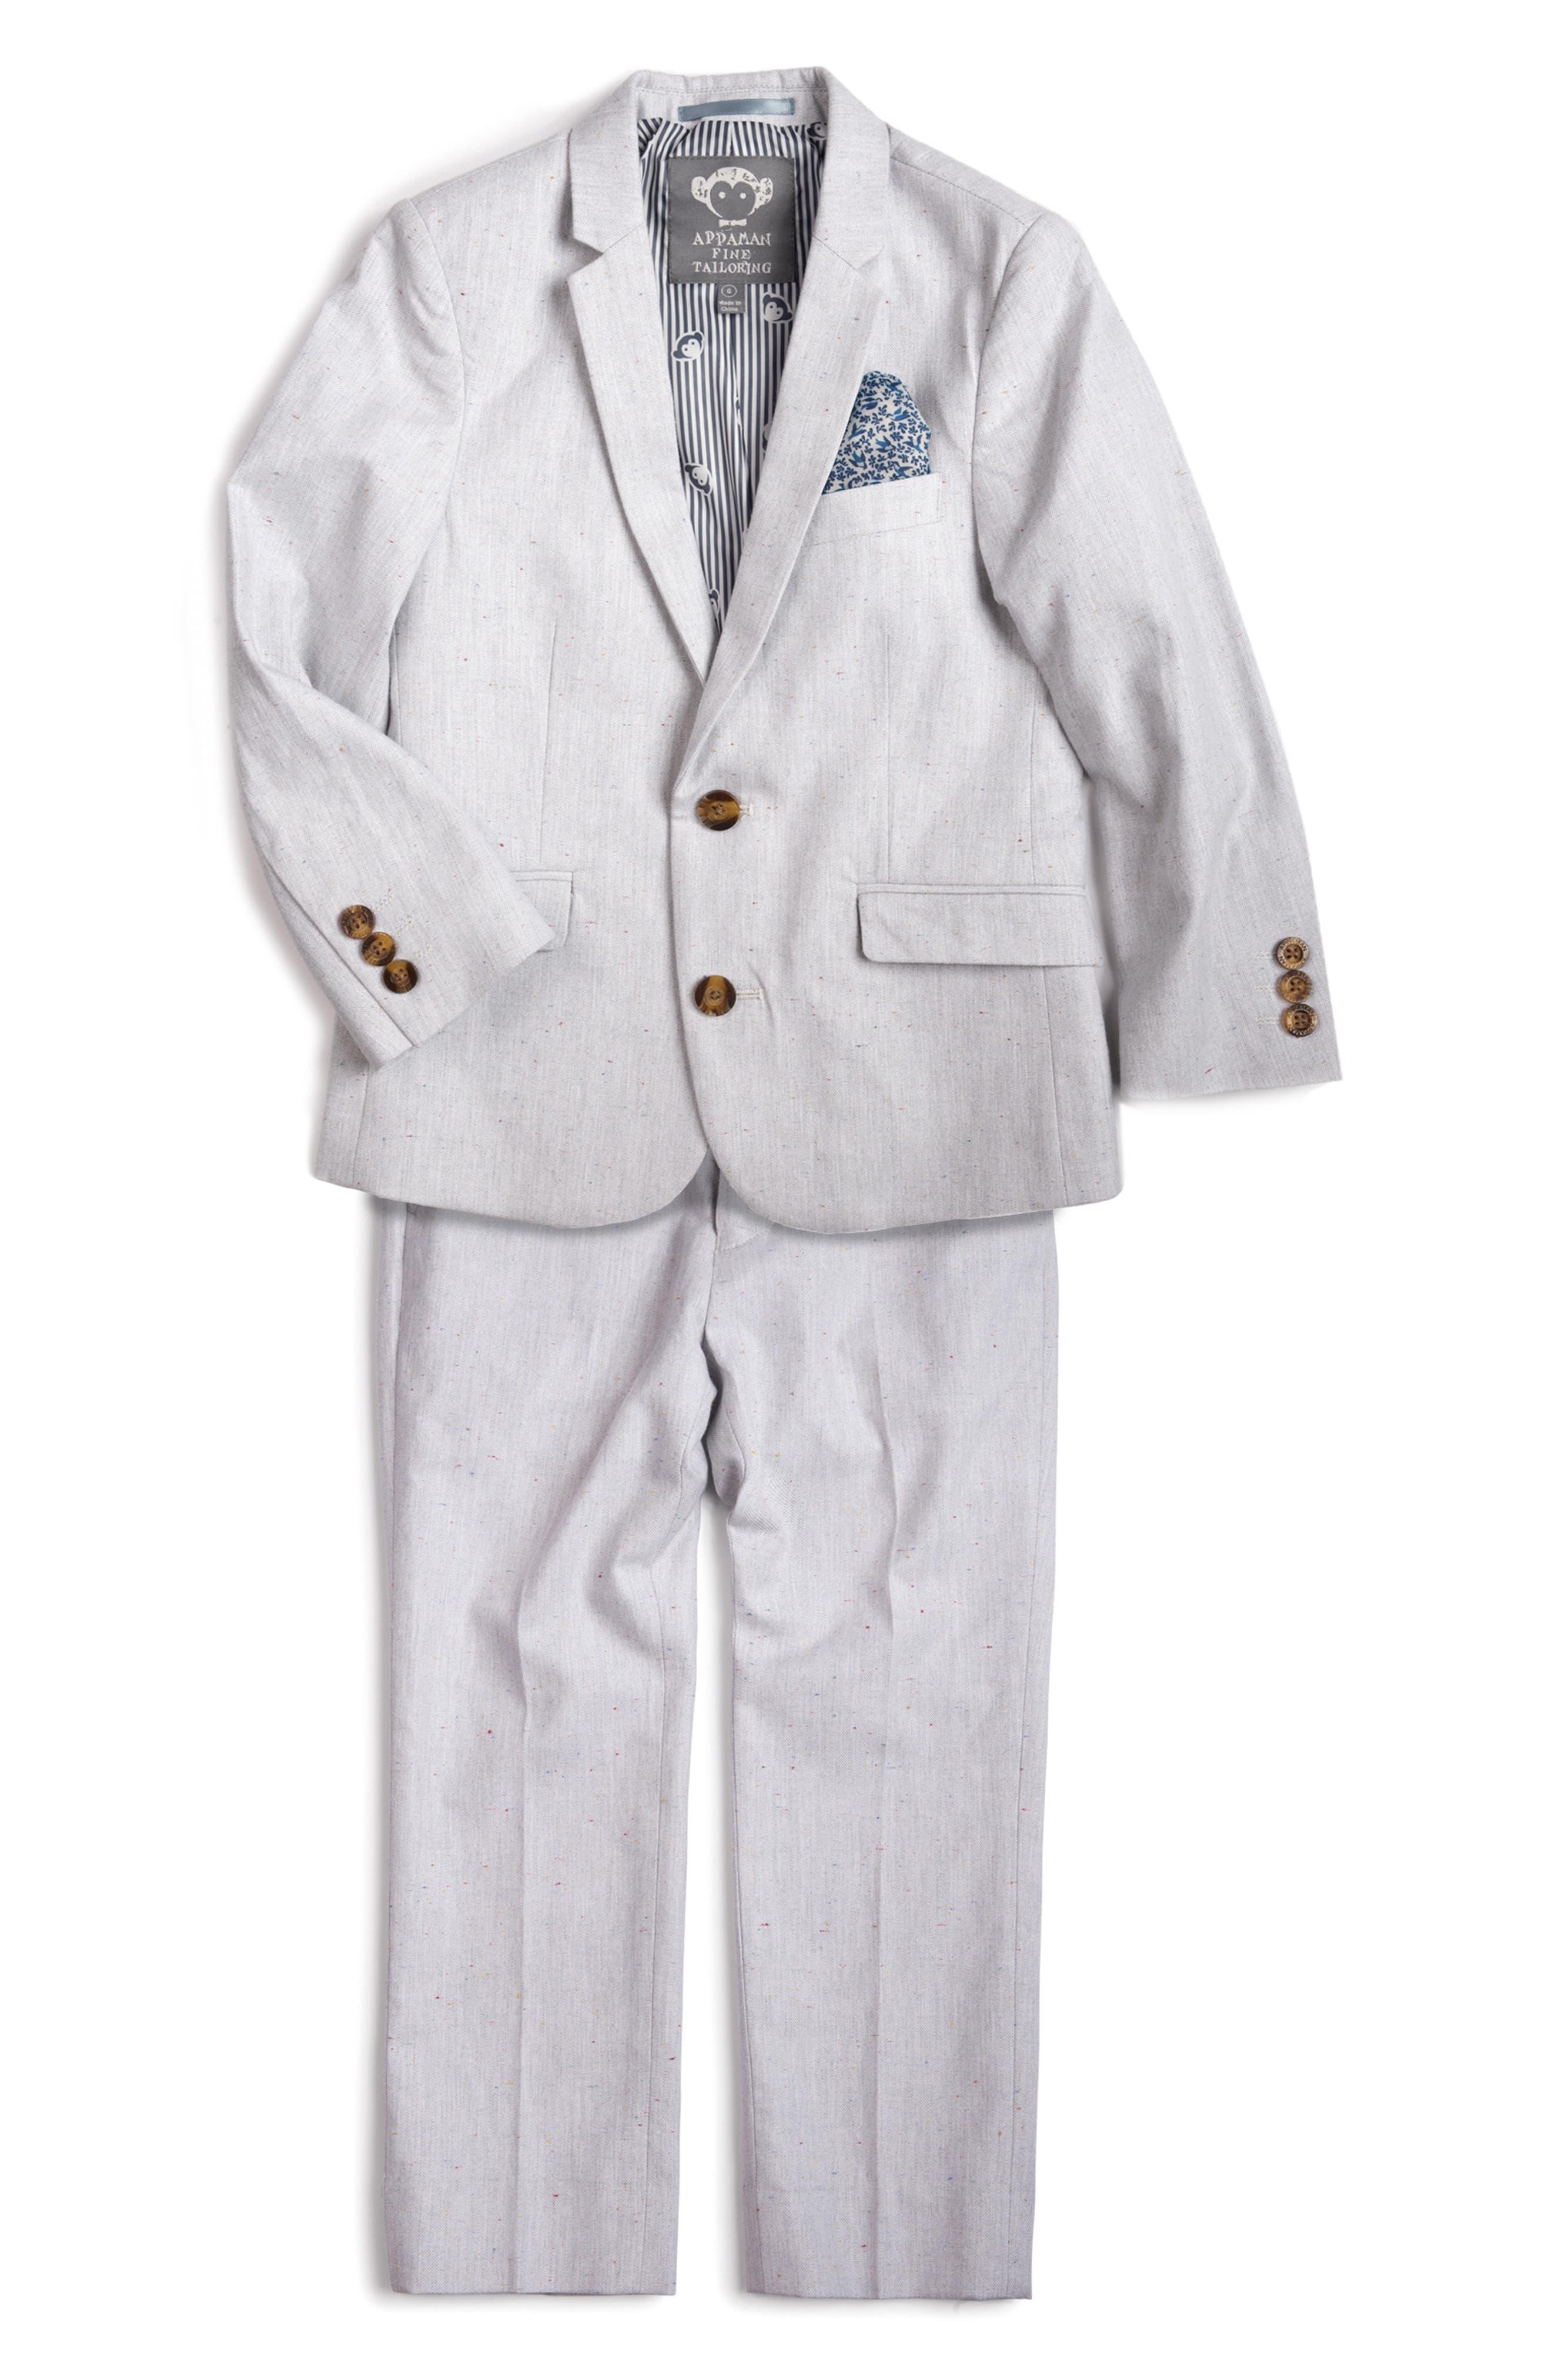 Toddler Boys Appaman Mod Suit